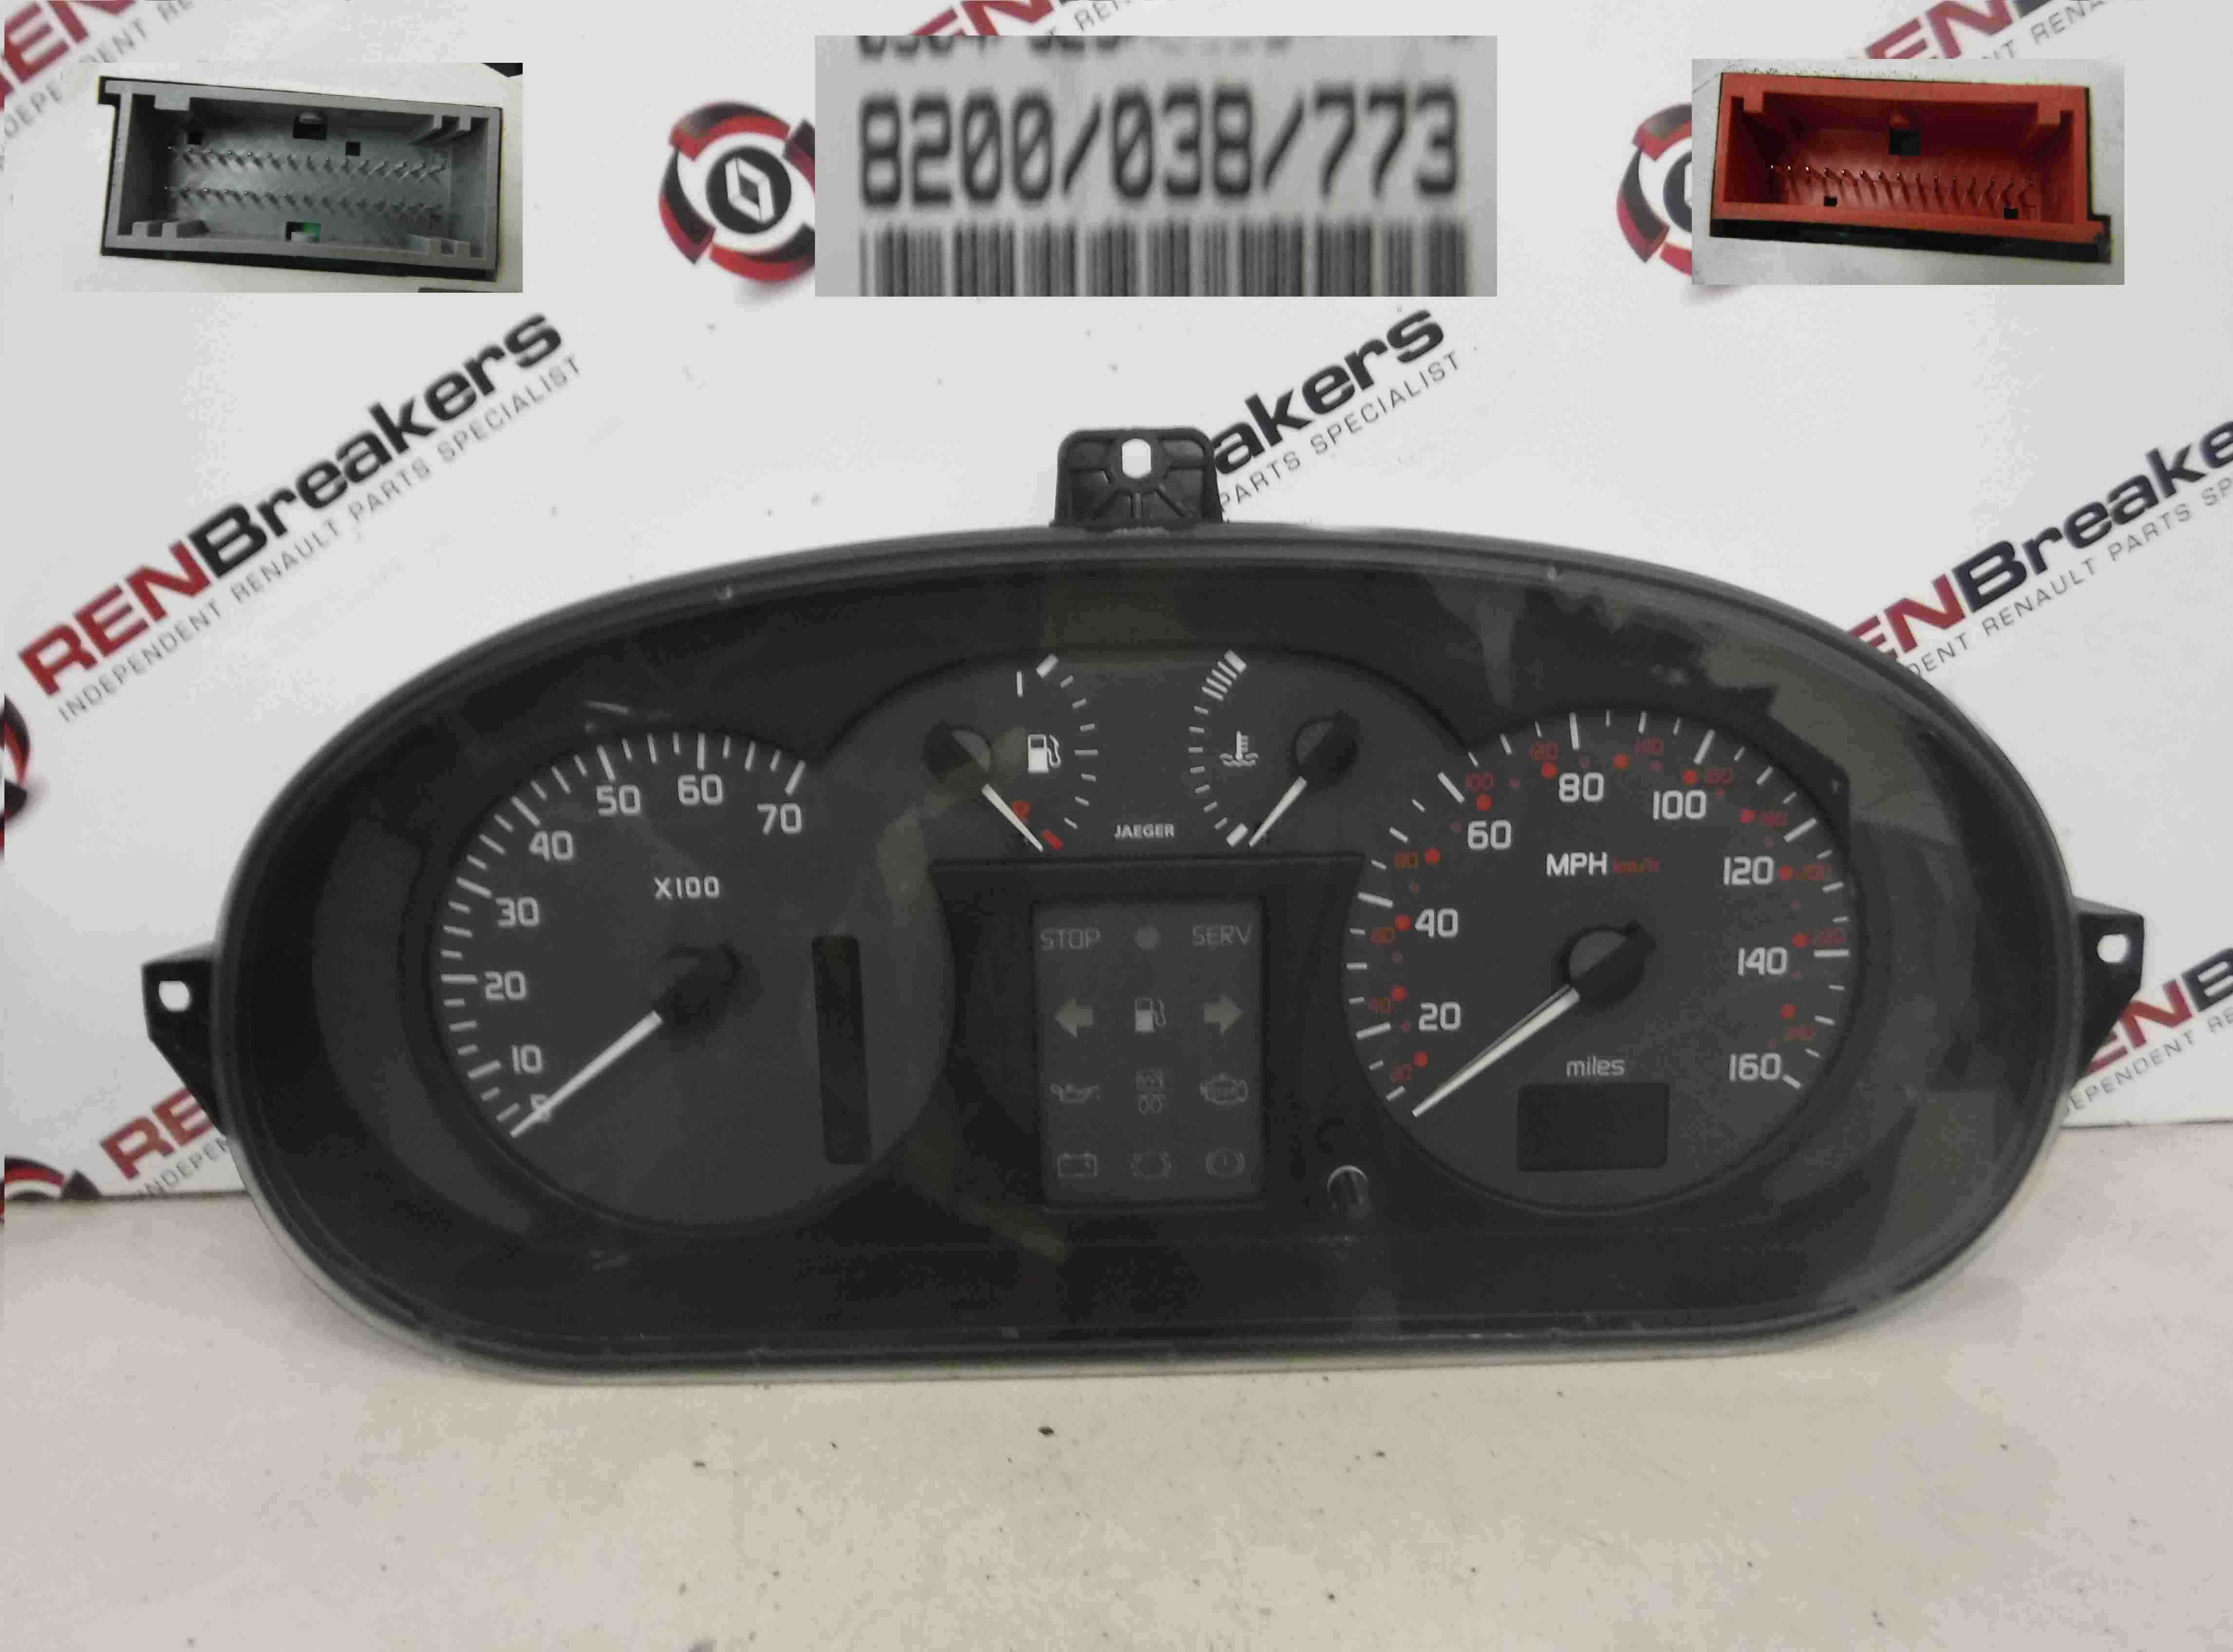 Renault Megane + Scenic 1999-2003 Instrument Panel Dials Gauges Clocks Auto